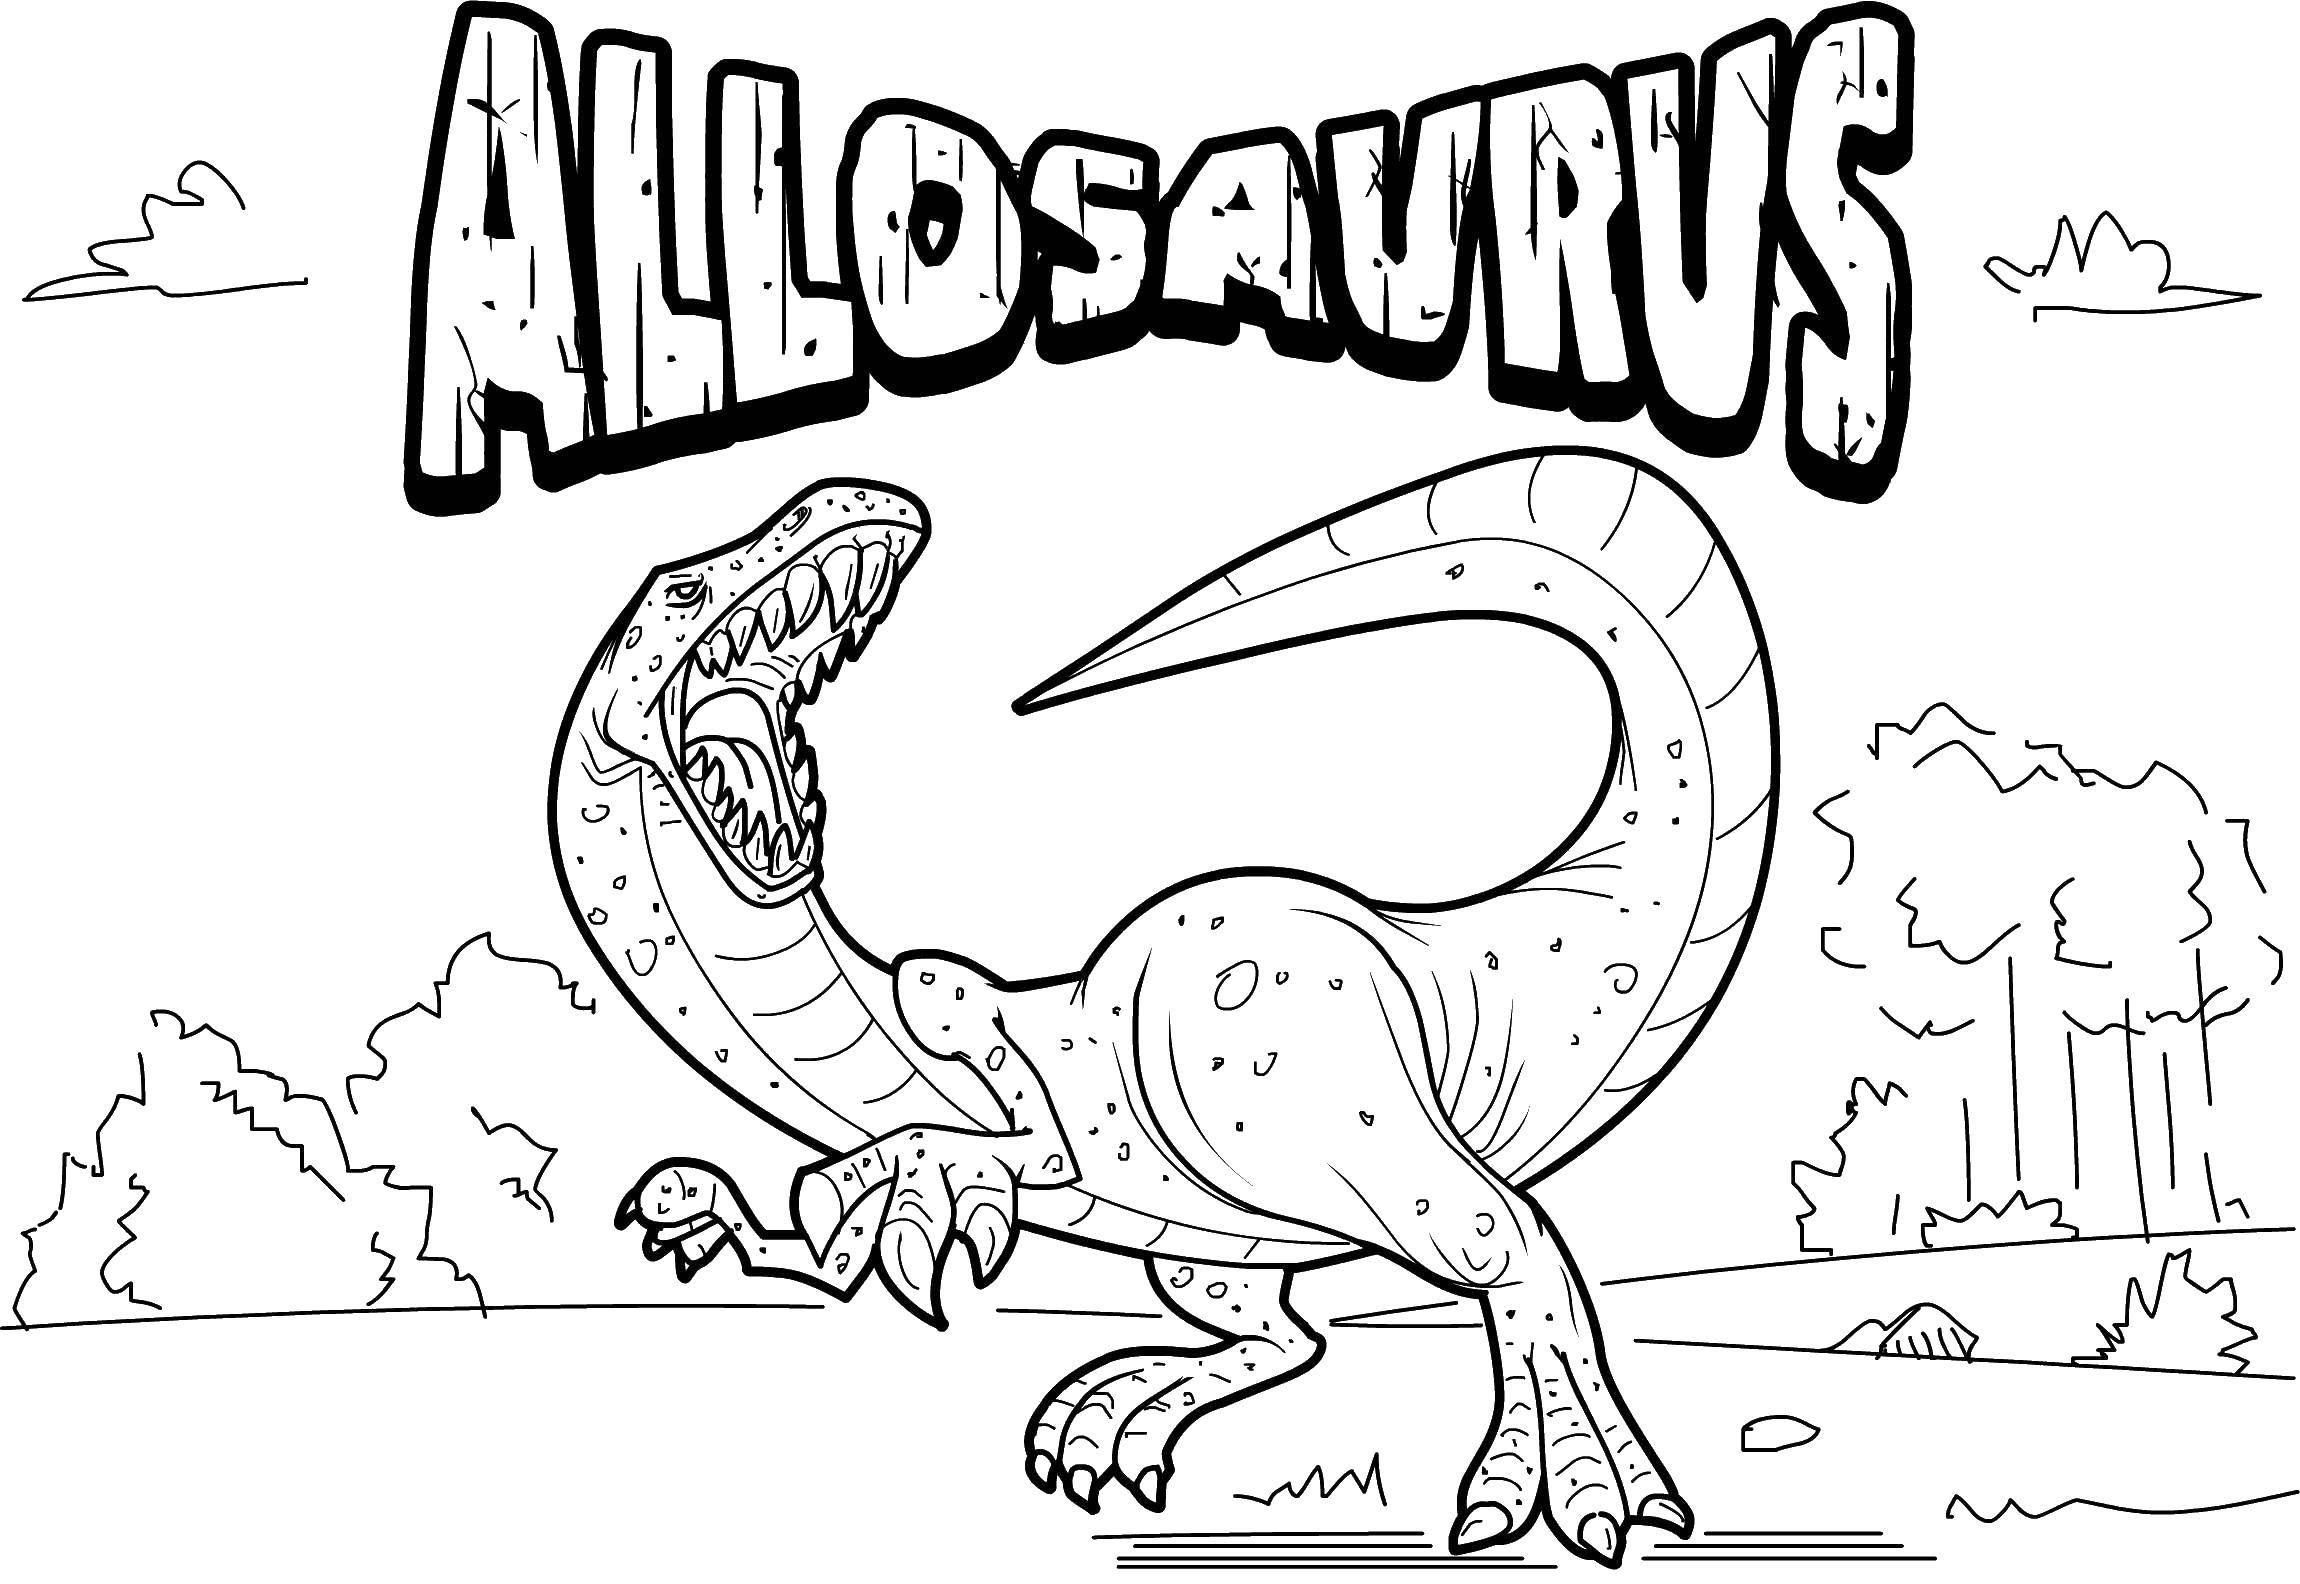 Название: Раскраска Древний аллозавр. Категория: парк юрского периода. Теги: Динозавры.